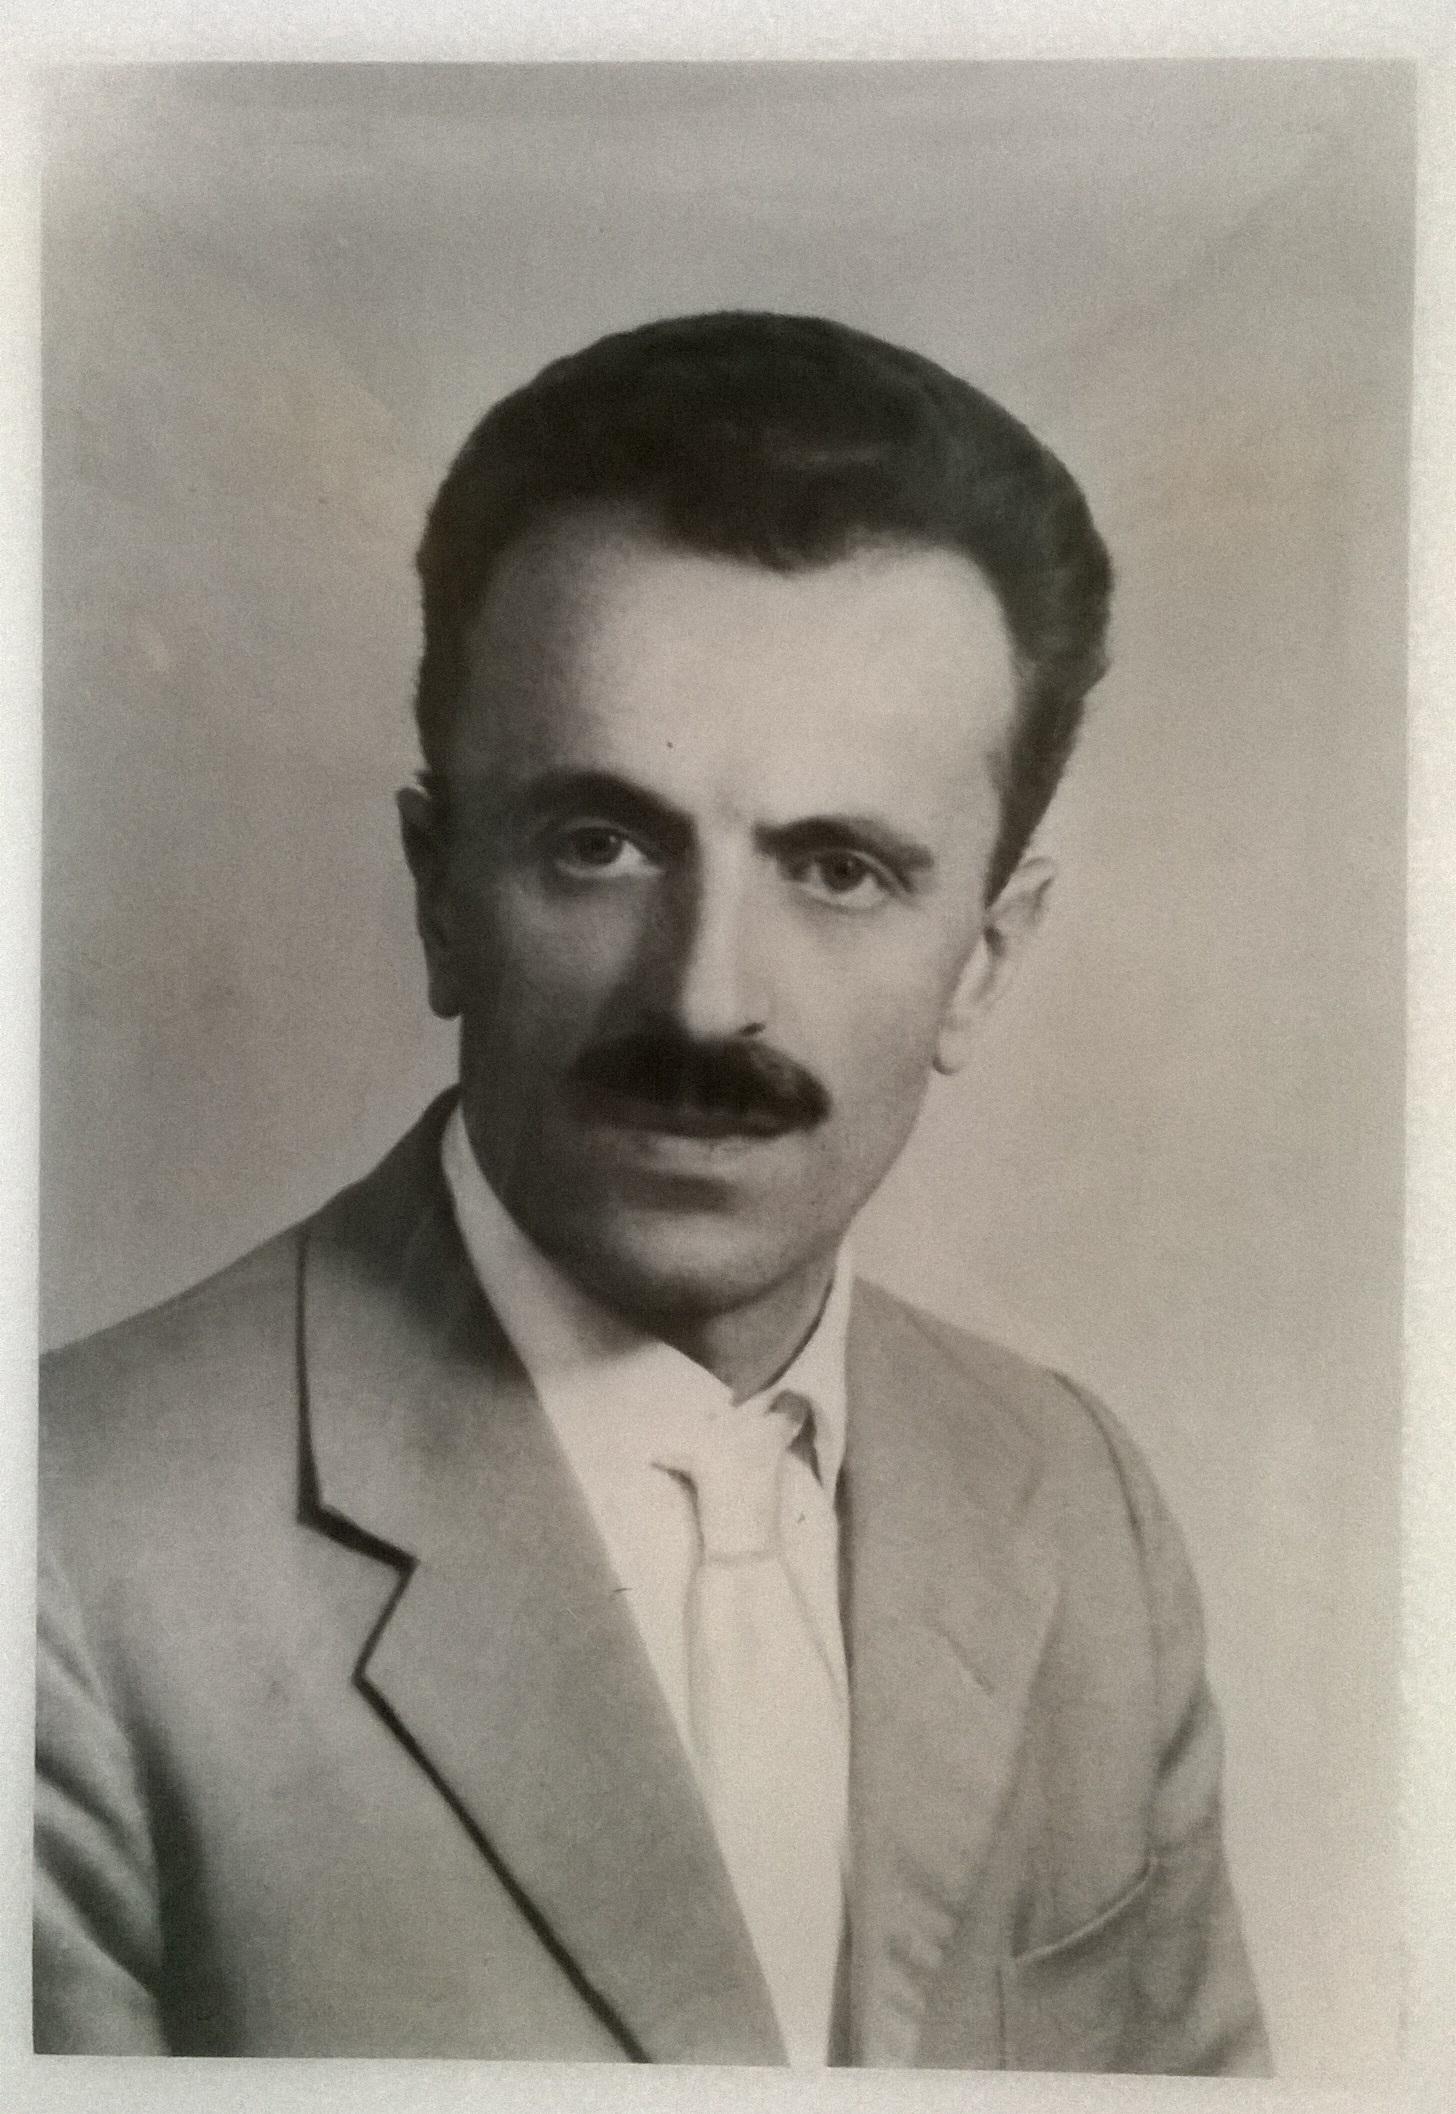 Aldo Giossi